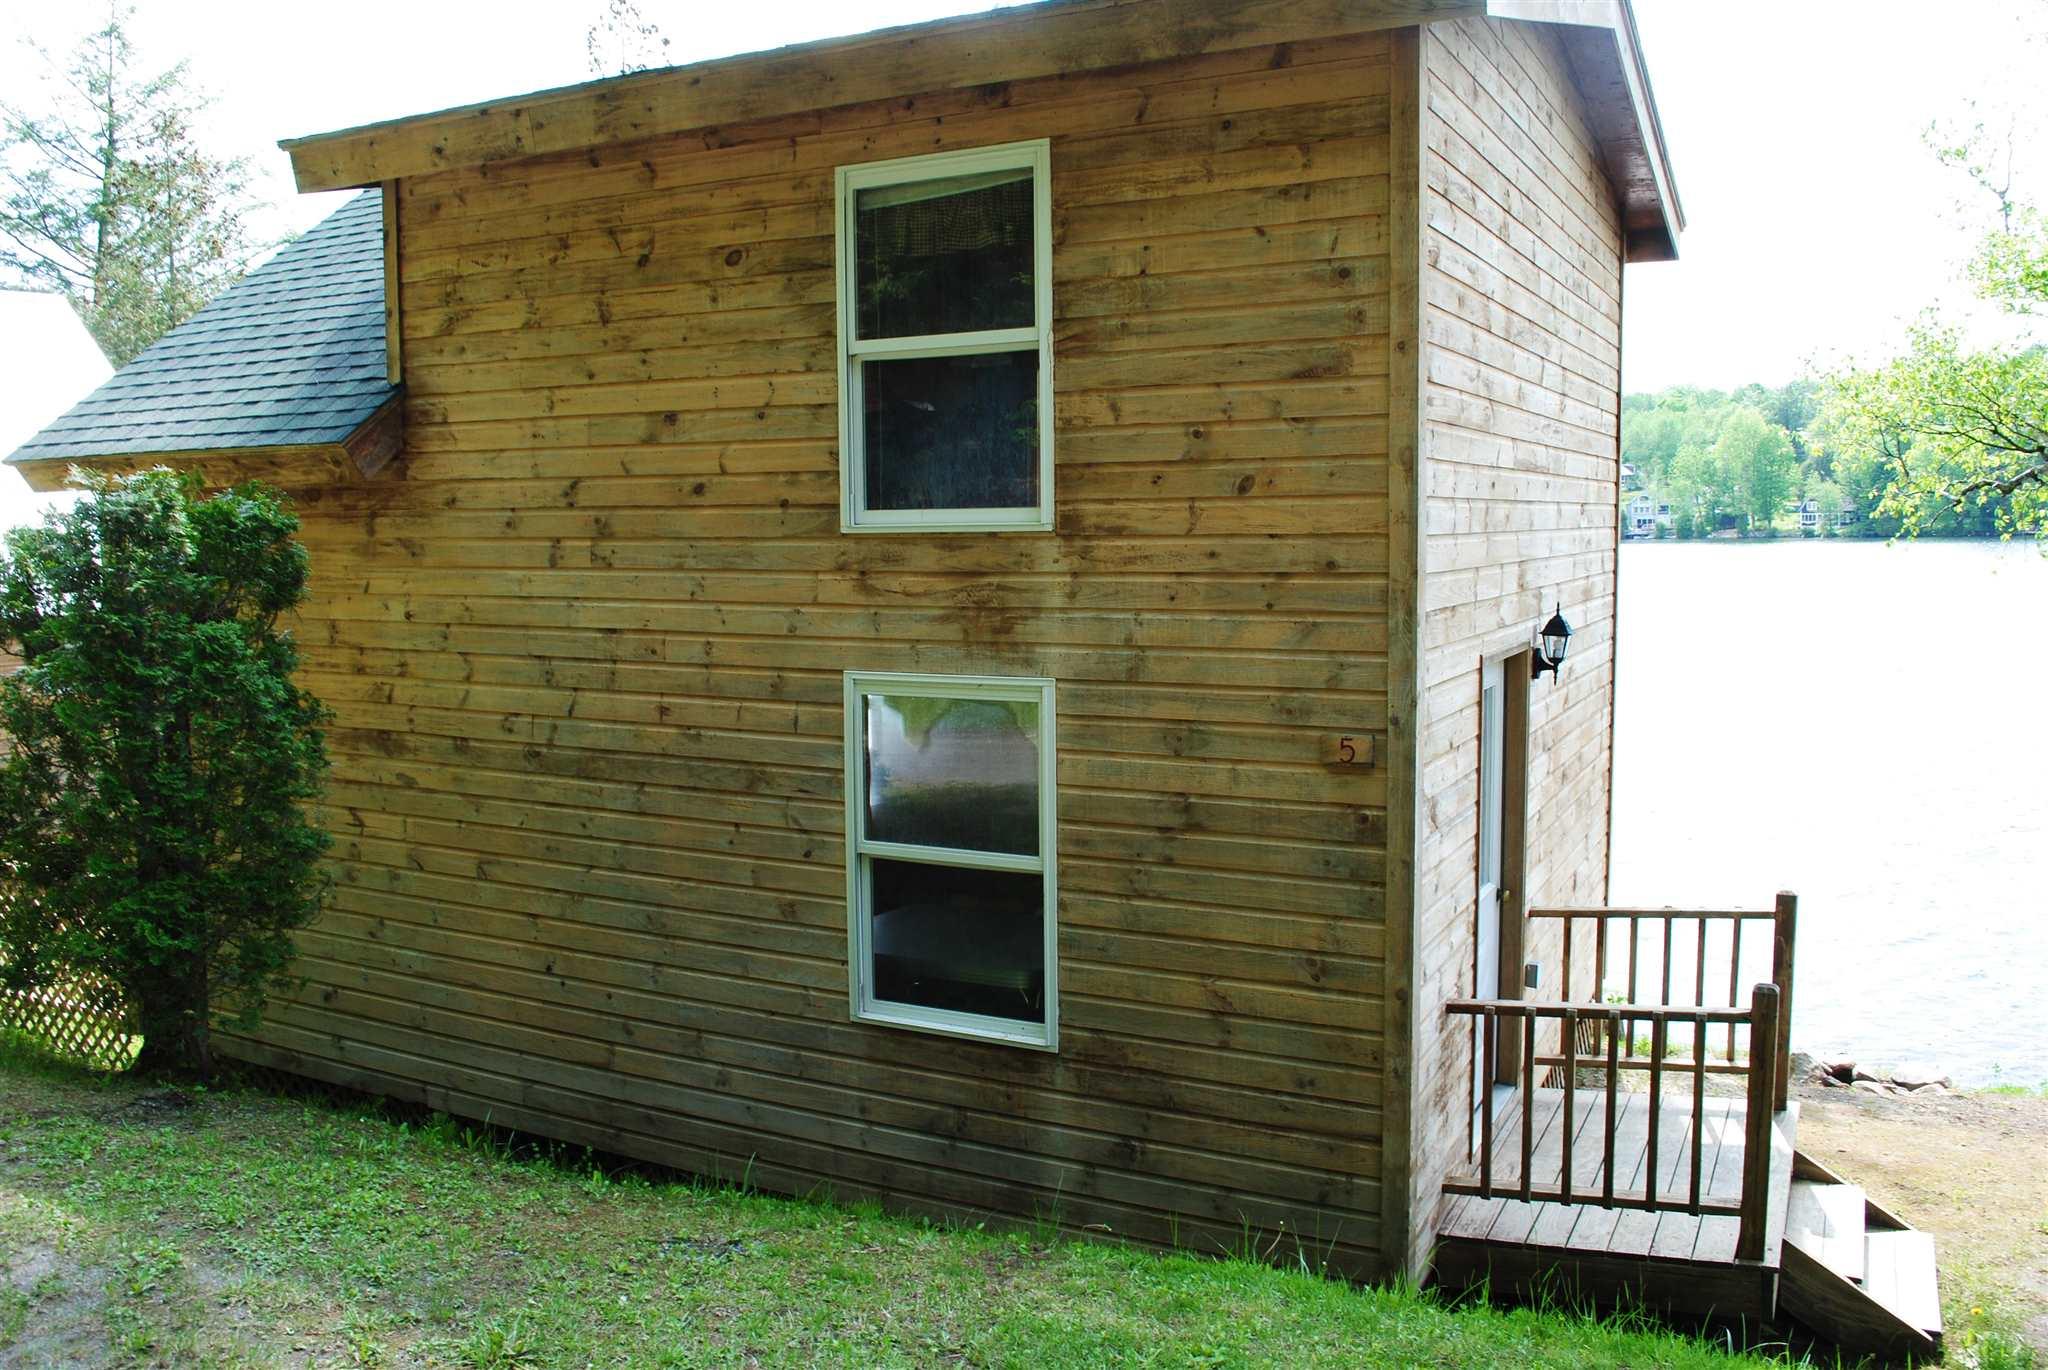 Cabin #5 Campers Barnet VT 05821